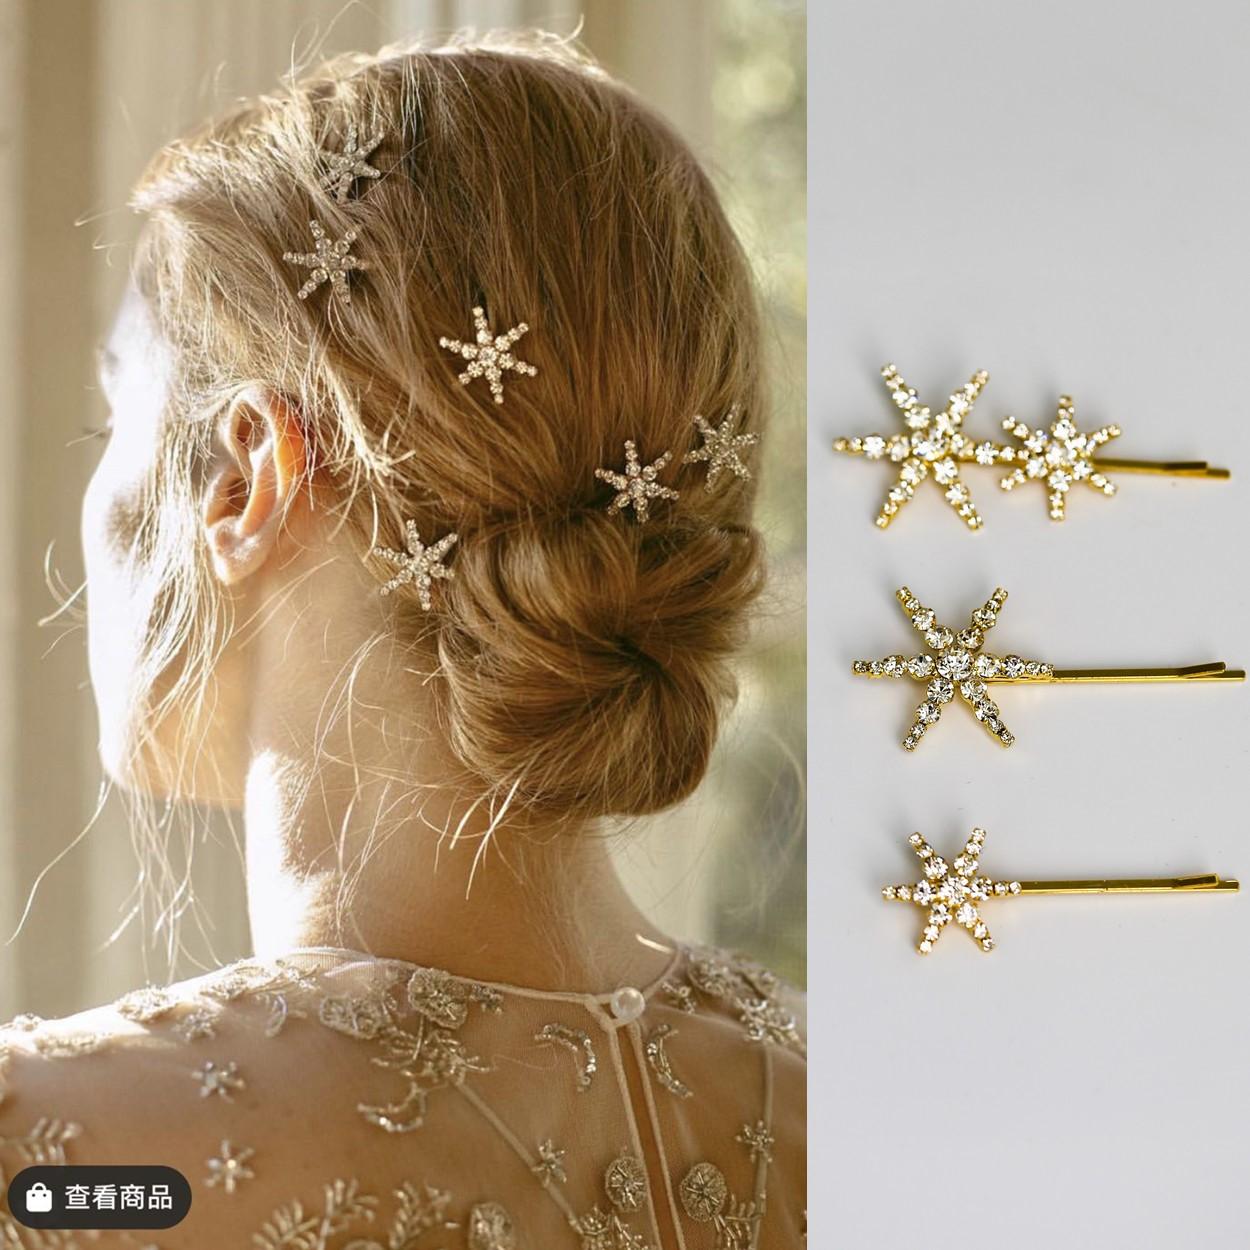 欧式时尚拍品牌款星星状韩式网红发夹新娘发簪摄影闪闪头饰发夹